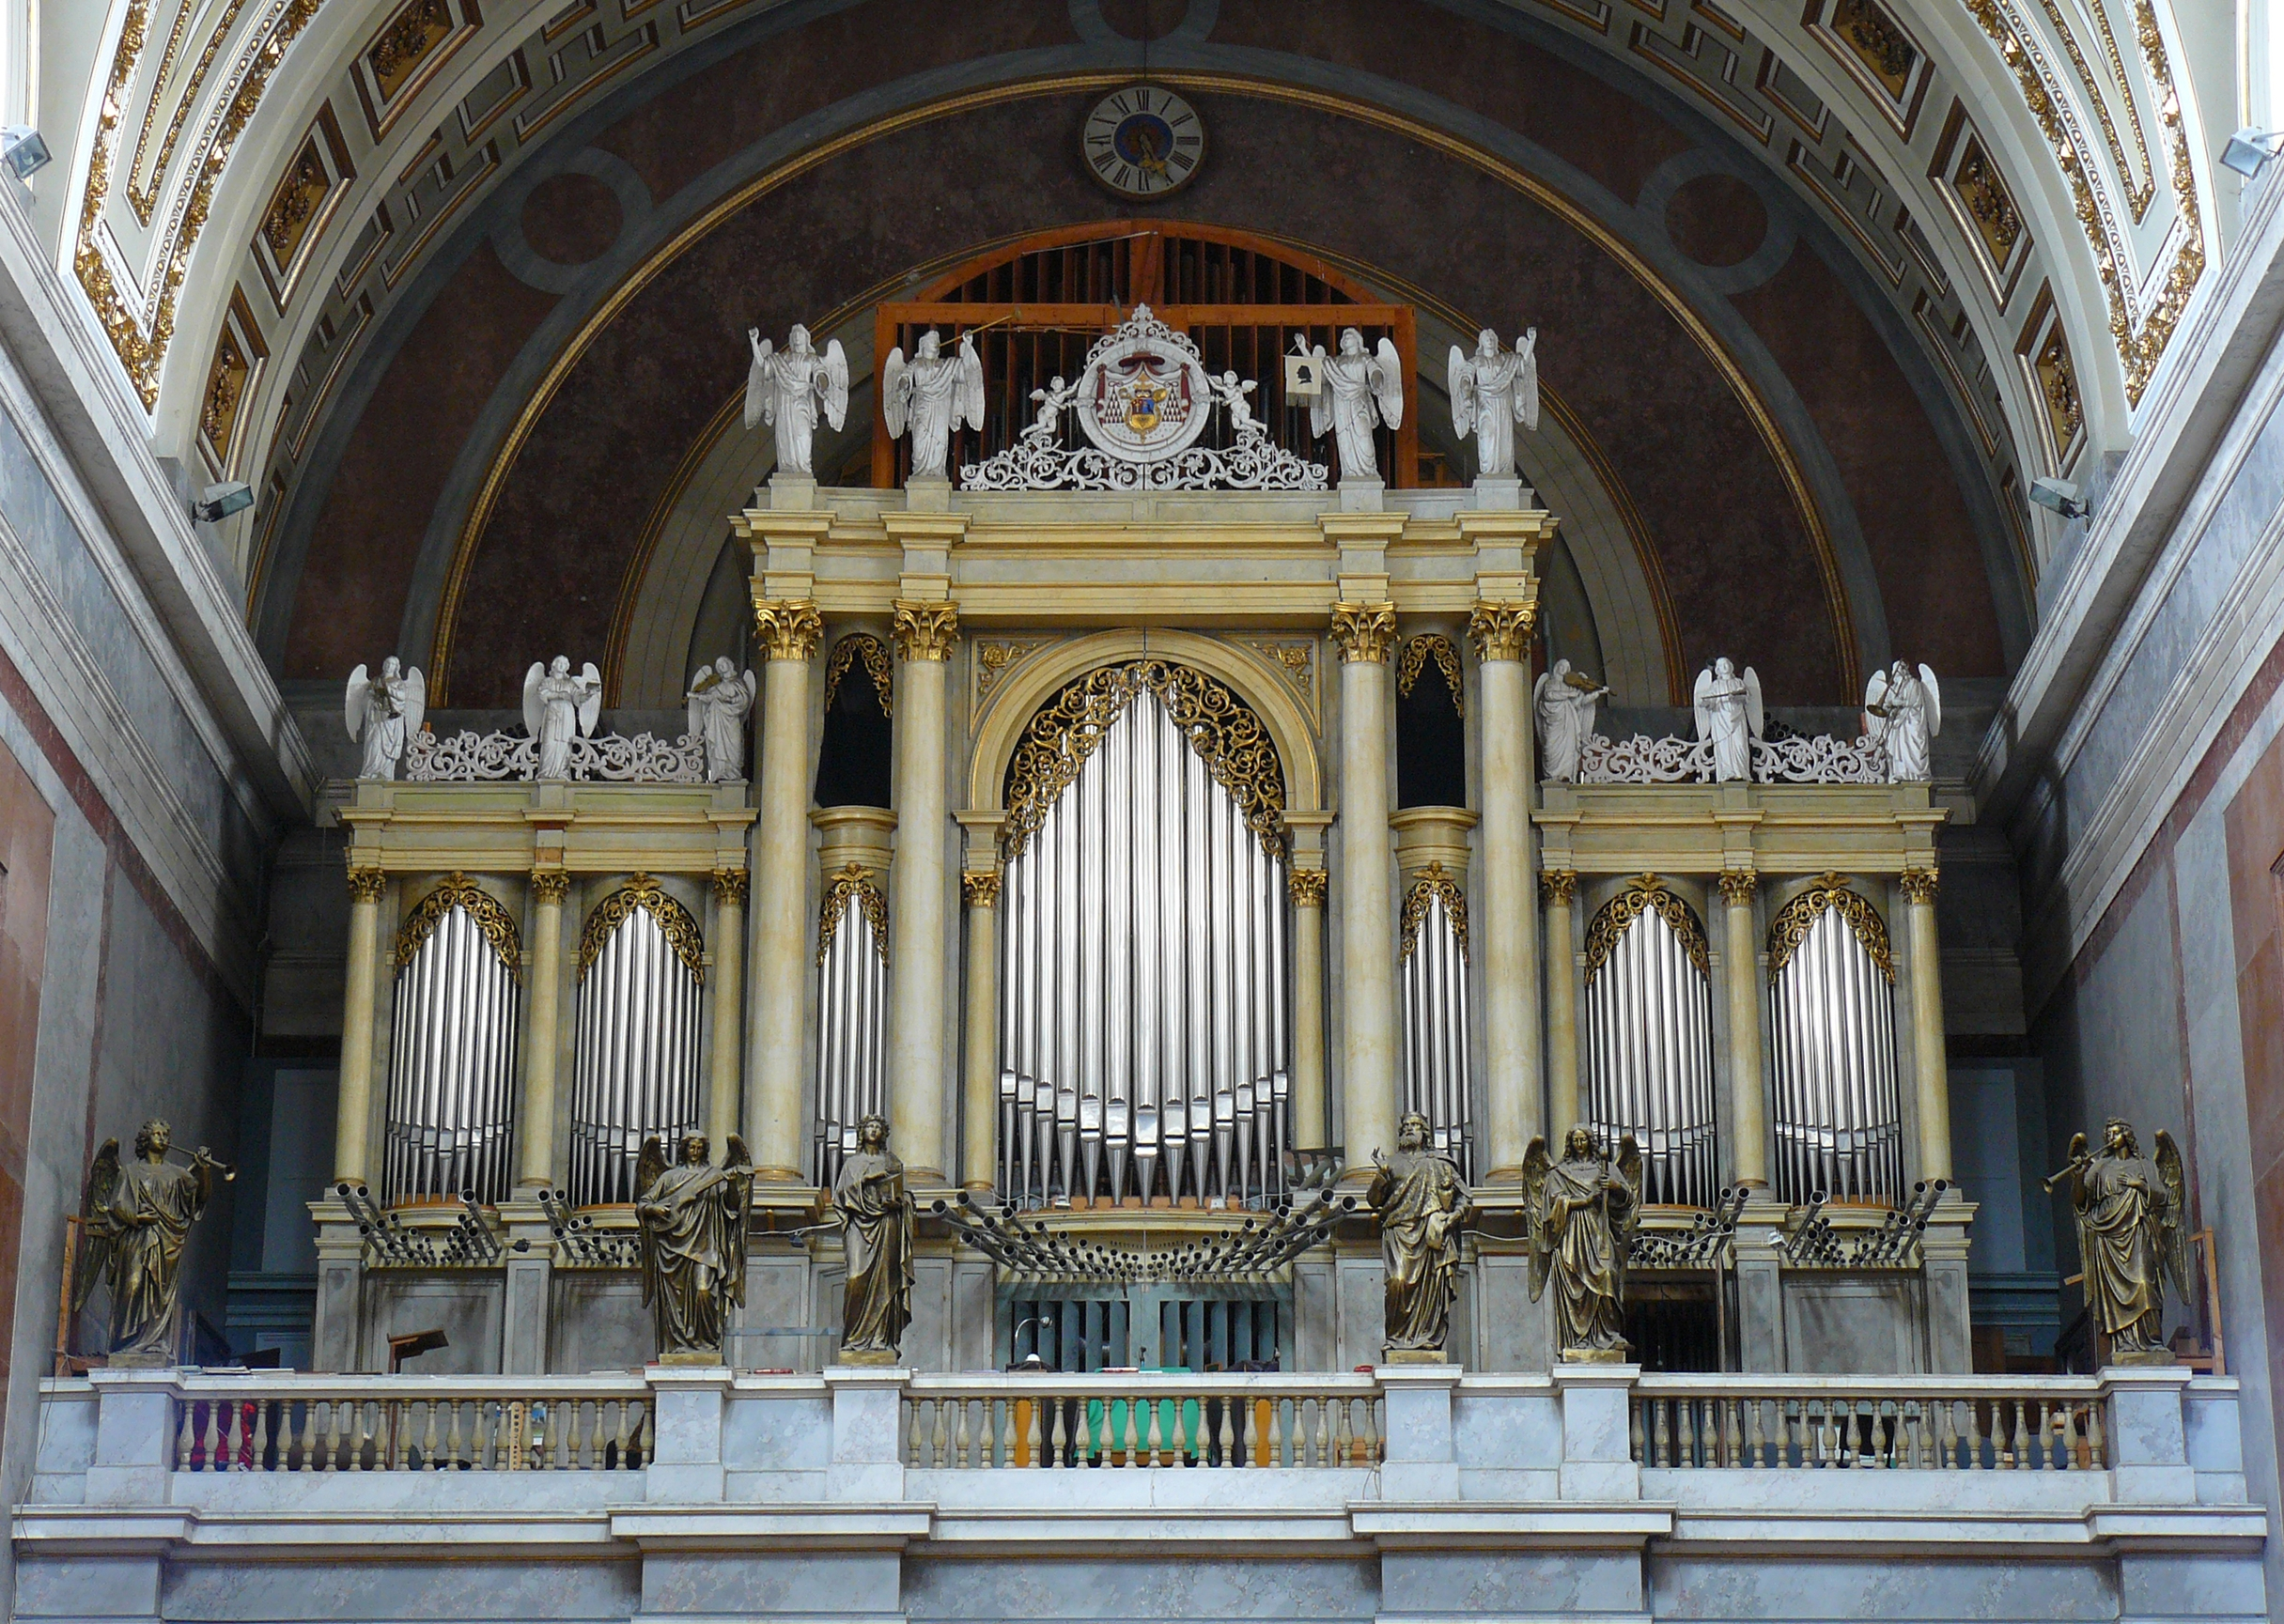 esztergom térkép letöltés Az esztergomi bazilika orgonája – Wikipédia esztergom térkép letöltés